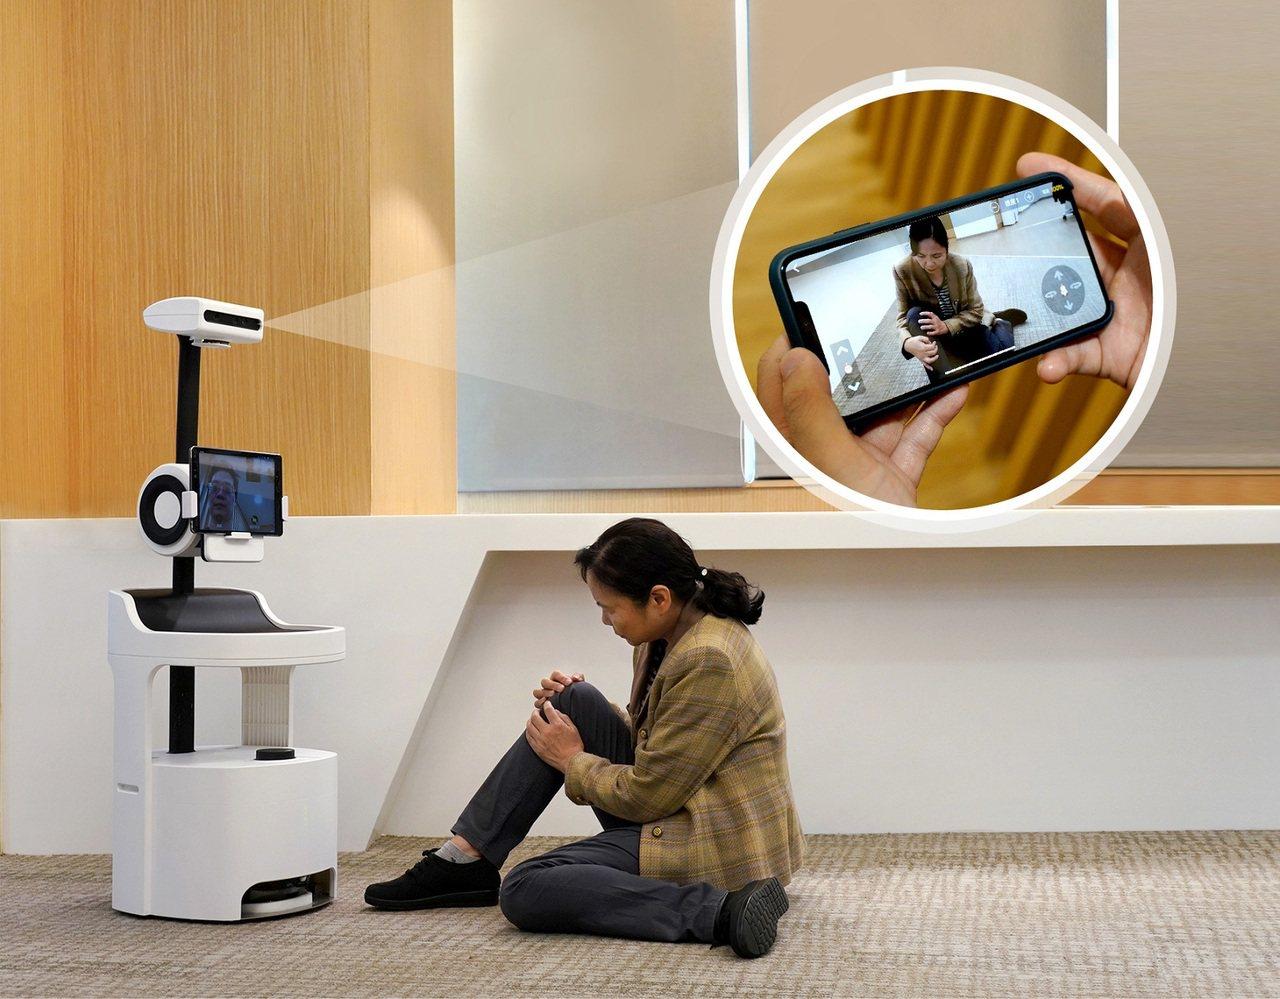 工研院「PECOLA樂齡陪伴機器人」,不僅能辨識、分析老人的生活狀況、飲食起居,...